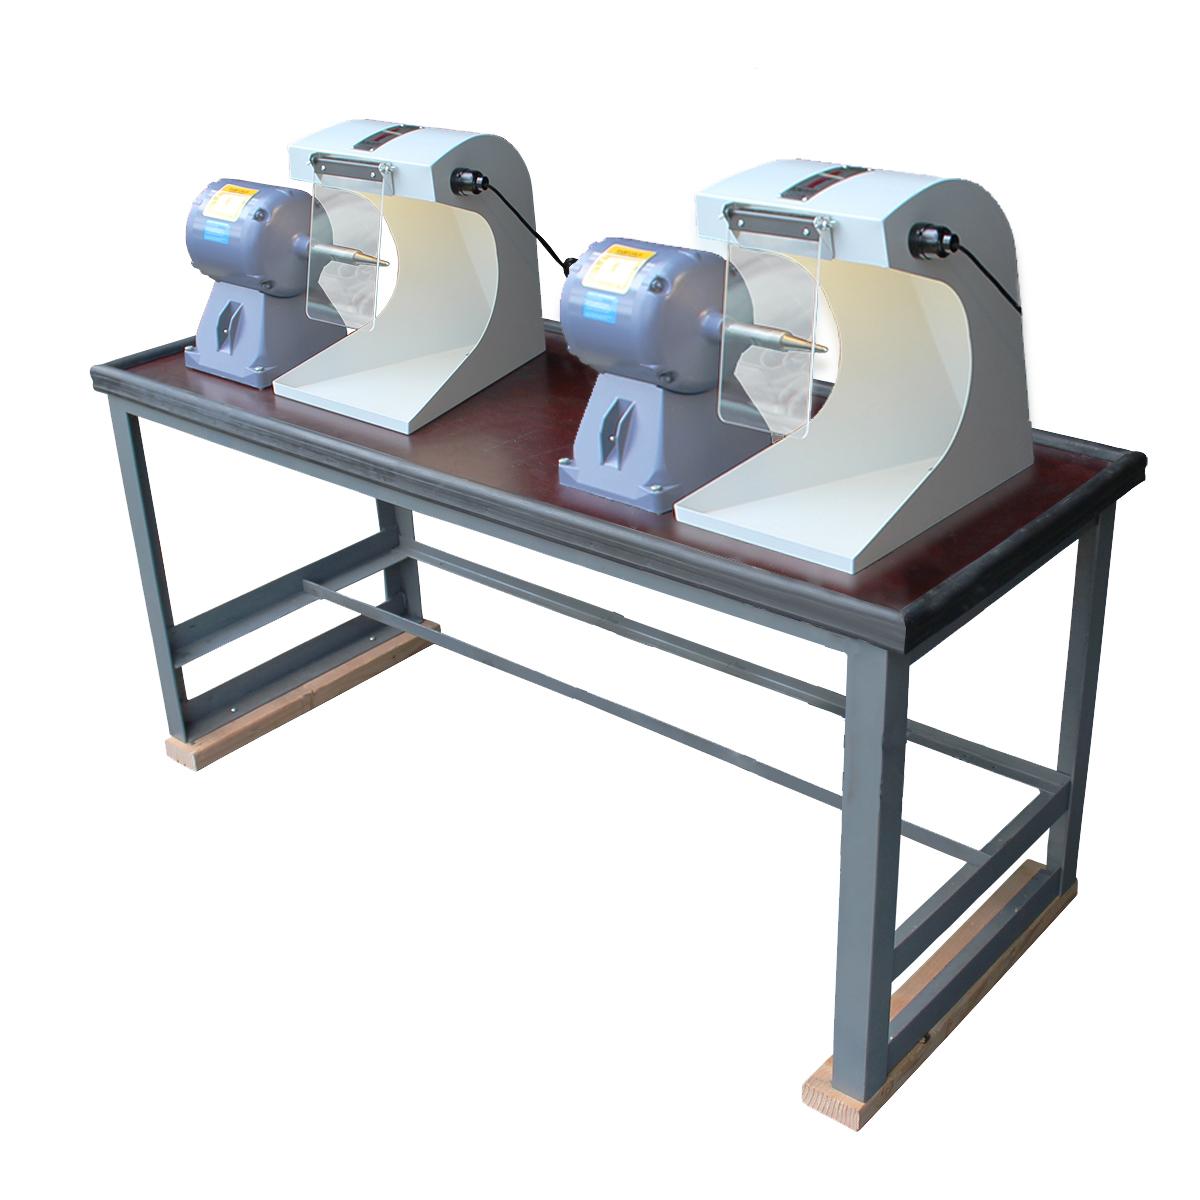 Polishing Bench Systems - 2 Polishing Motors - 220V/380V